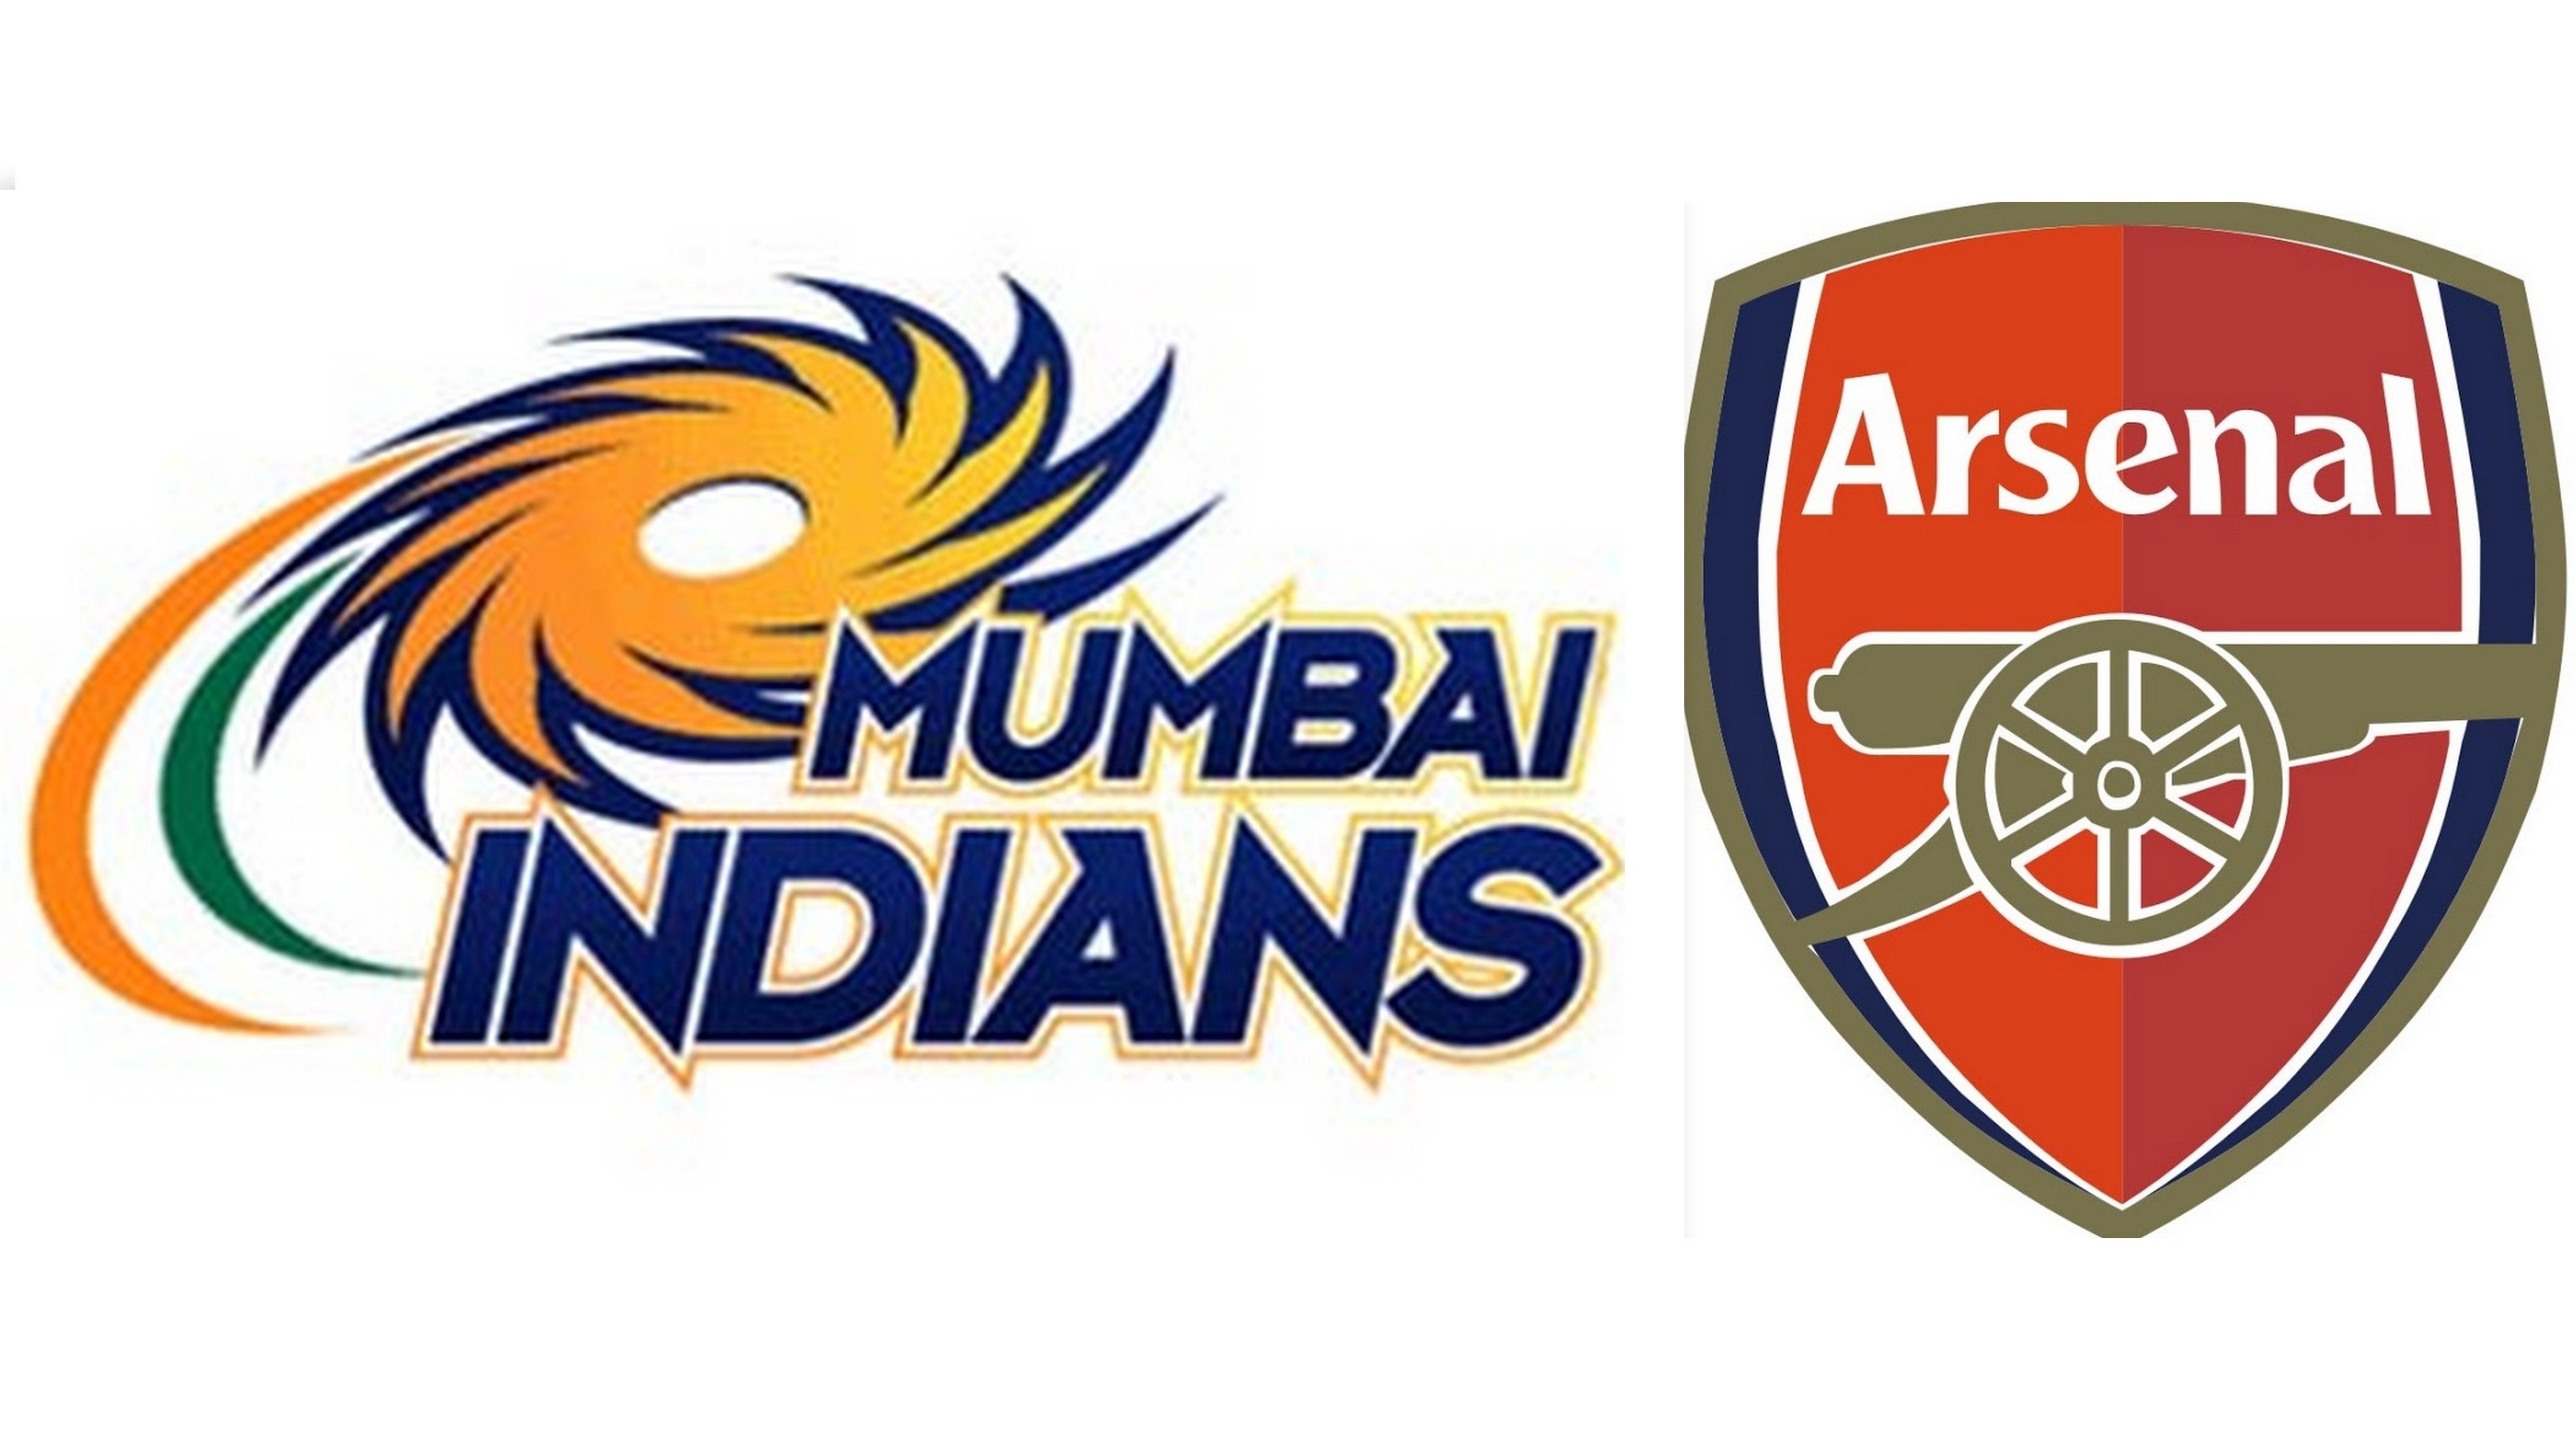 Mumbai Indians ARsenal